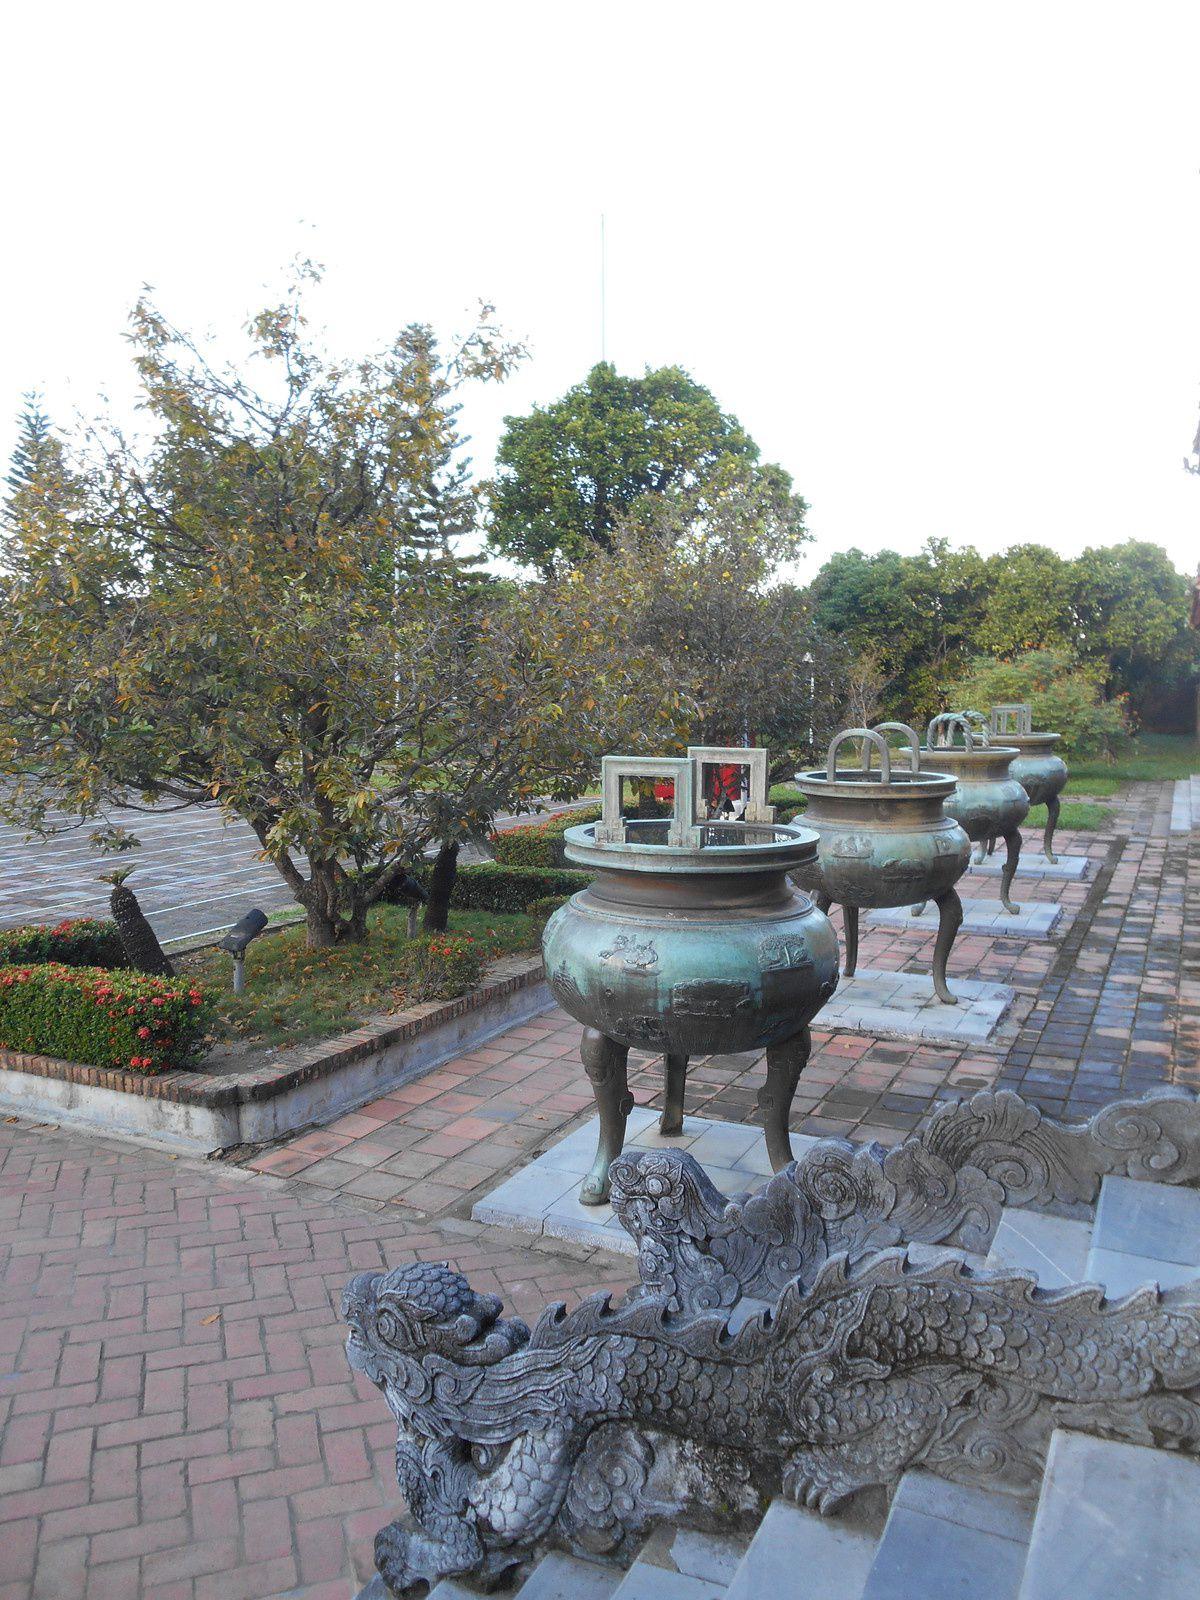 Les urnes dynastiques sont au nombre de 9 et pèsent chacune entre 2 et 2,5 tonnes. Chaque urne est décorée de 17 dessins évoquant les beautés du Viet Nam.